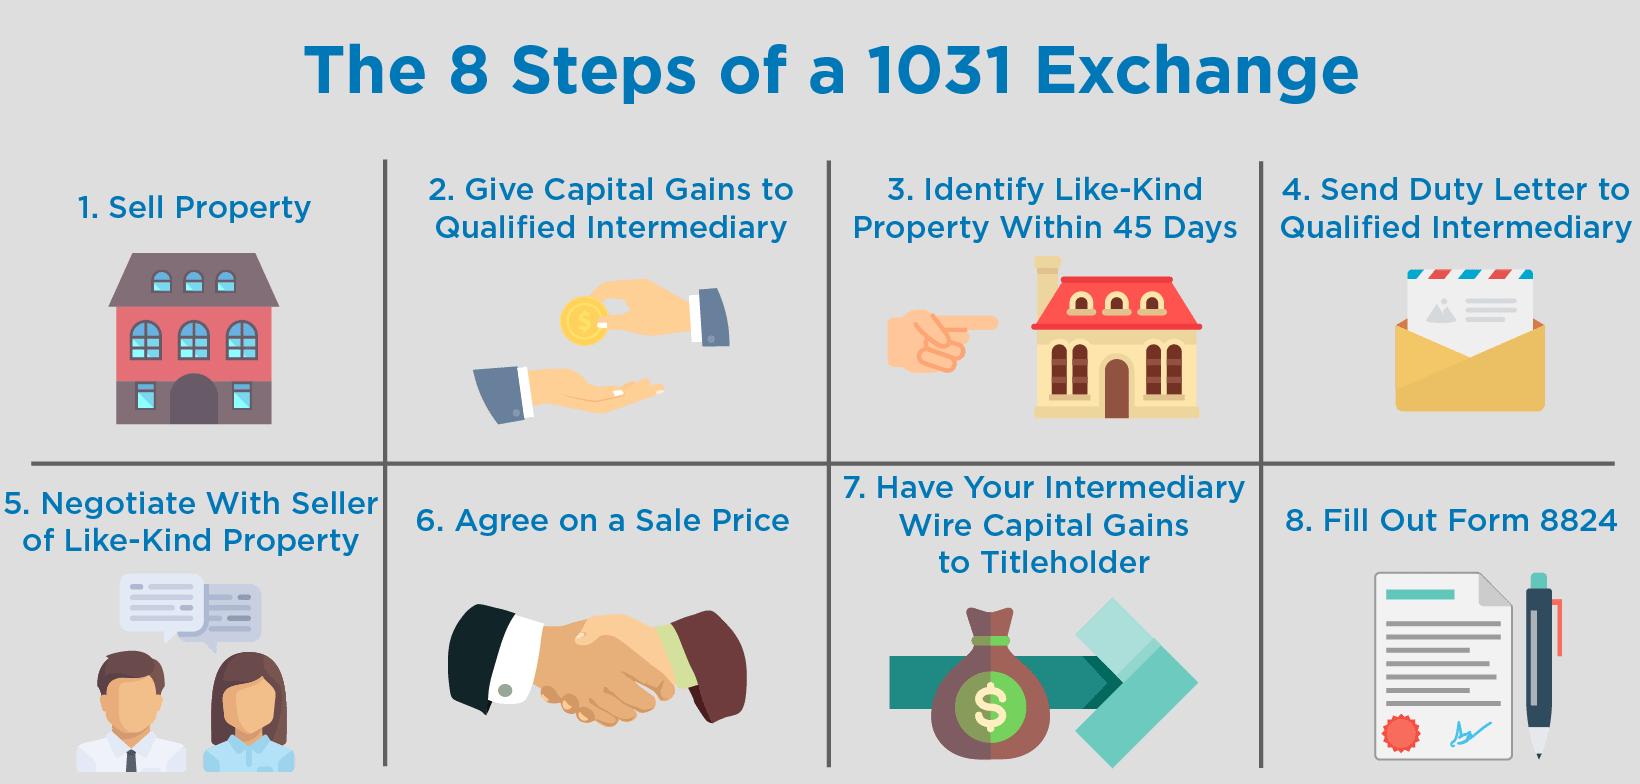 1031 Exchange Tips